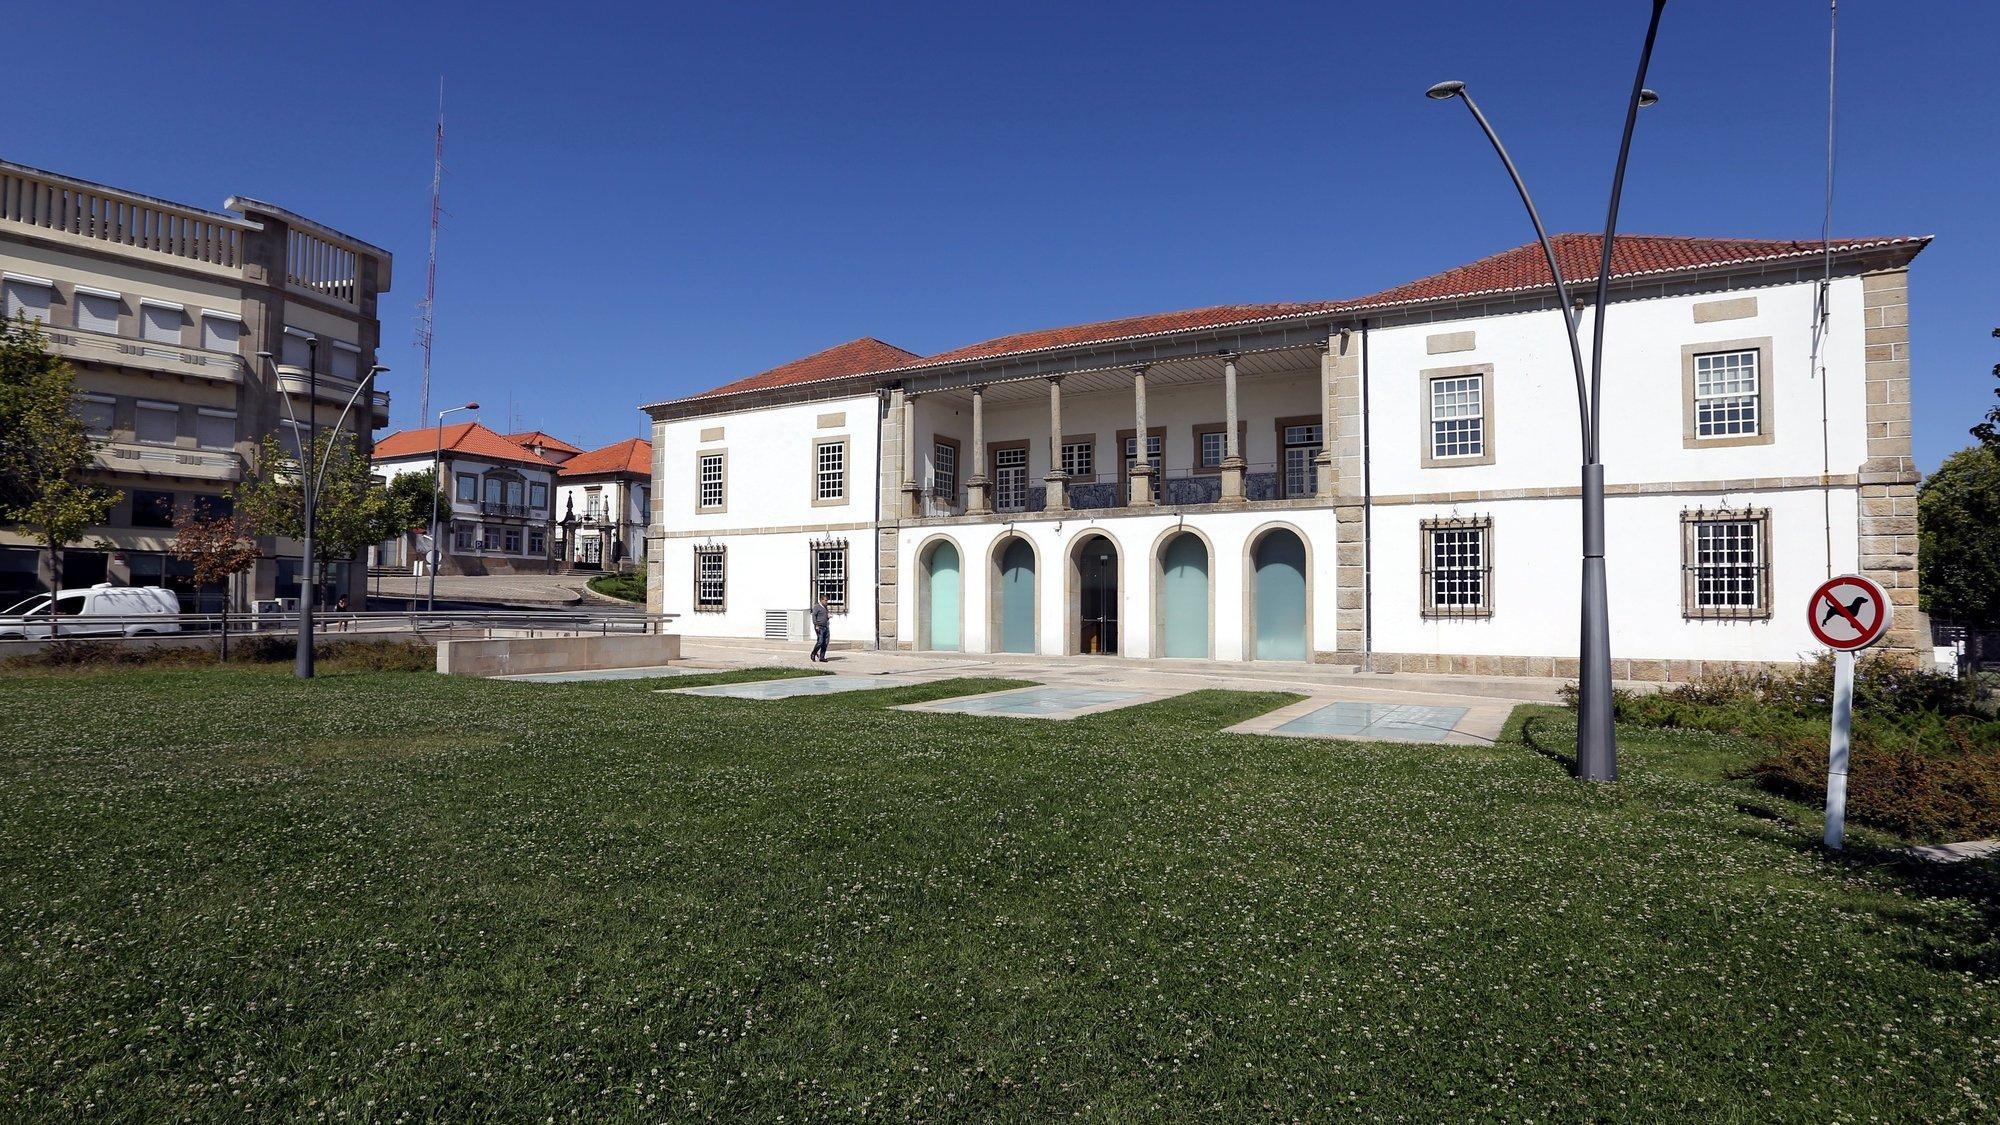 Edifício da Câmara Municipal de Castelo Branco, em Castelo Branco, 28 de setembro de 2017. ANTÓNIO JOSÉ/LUSA